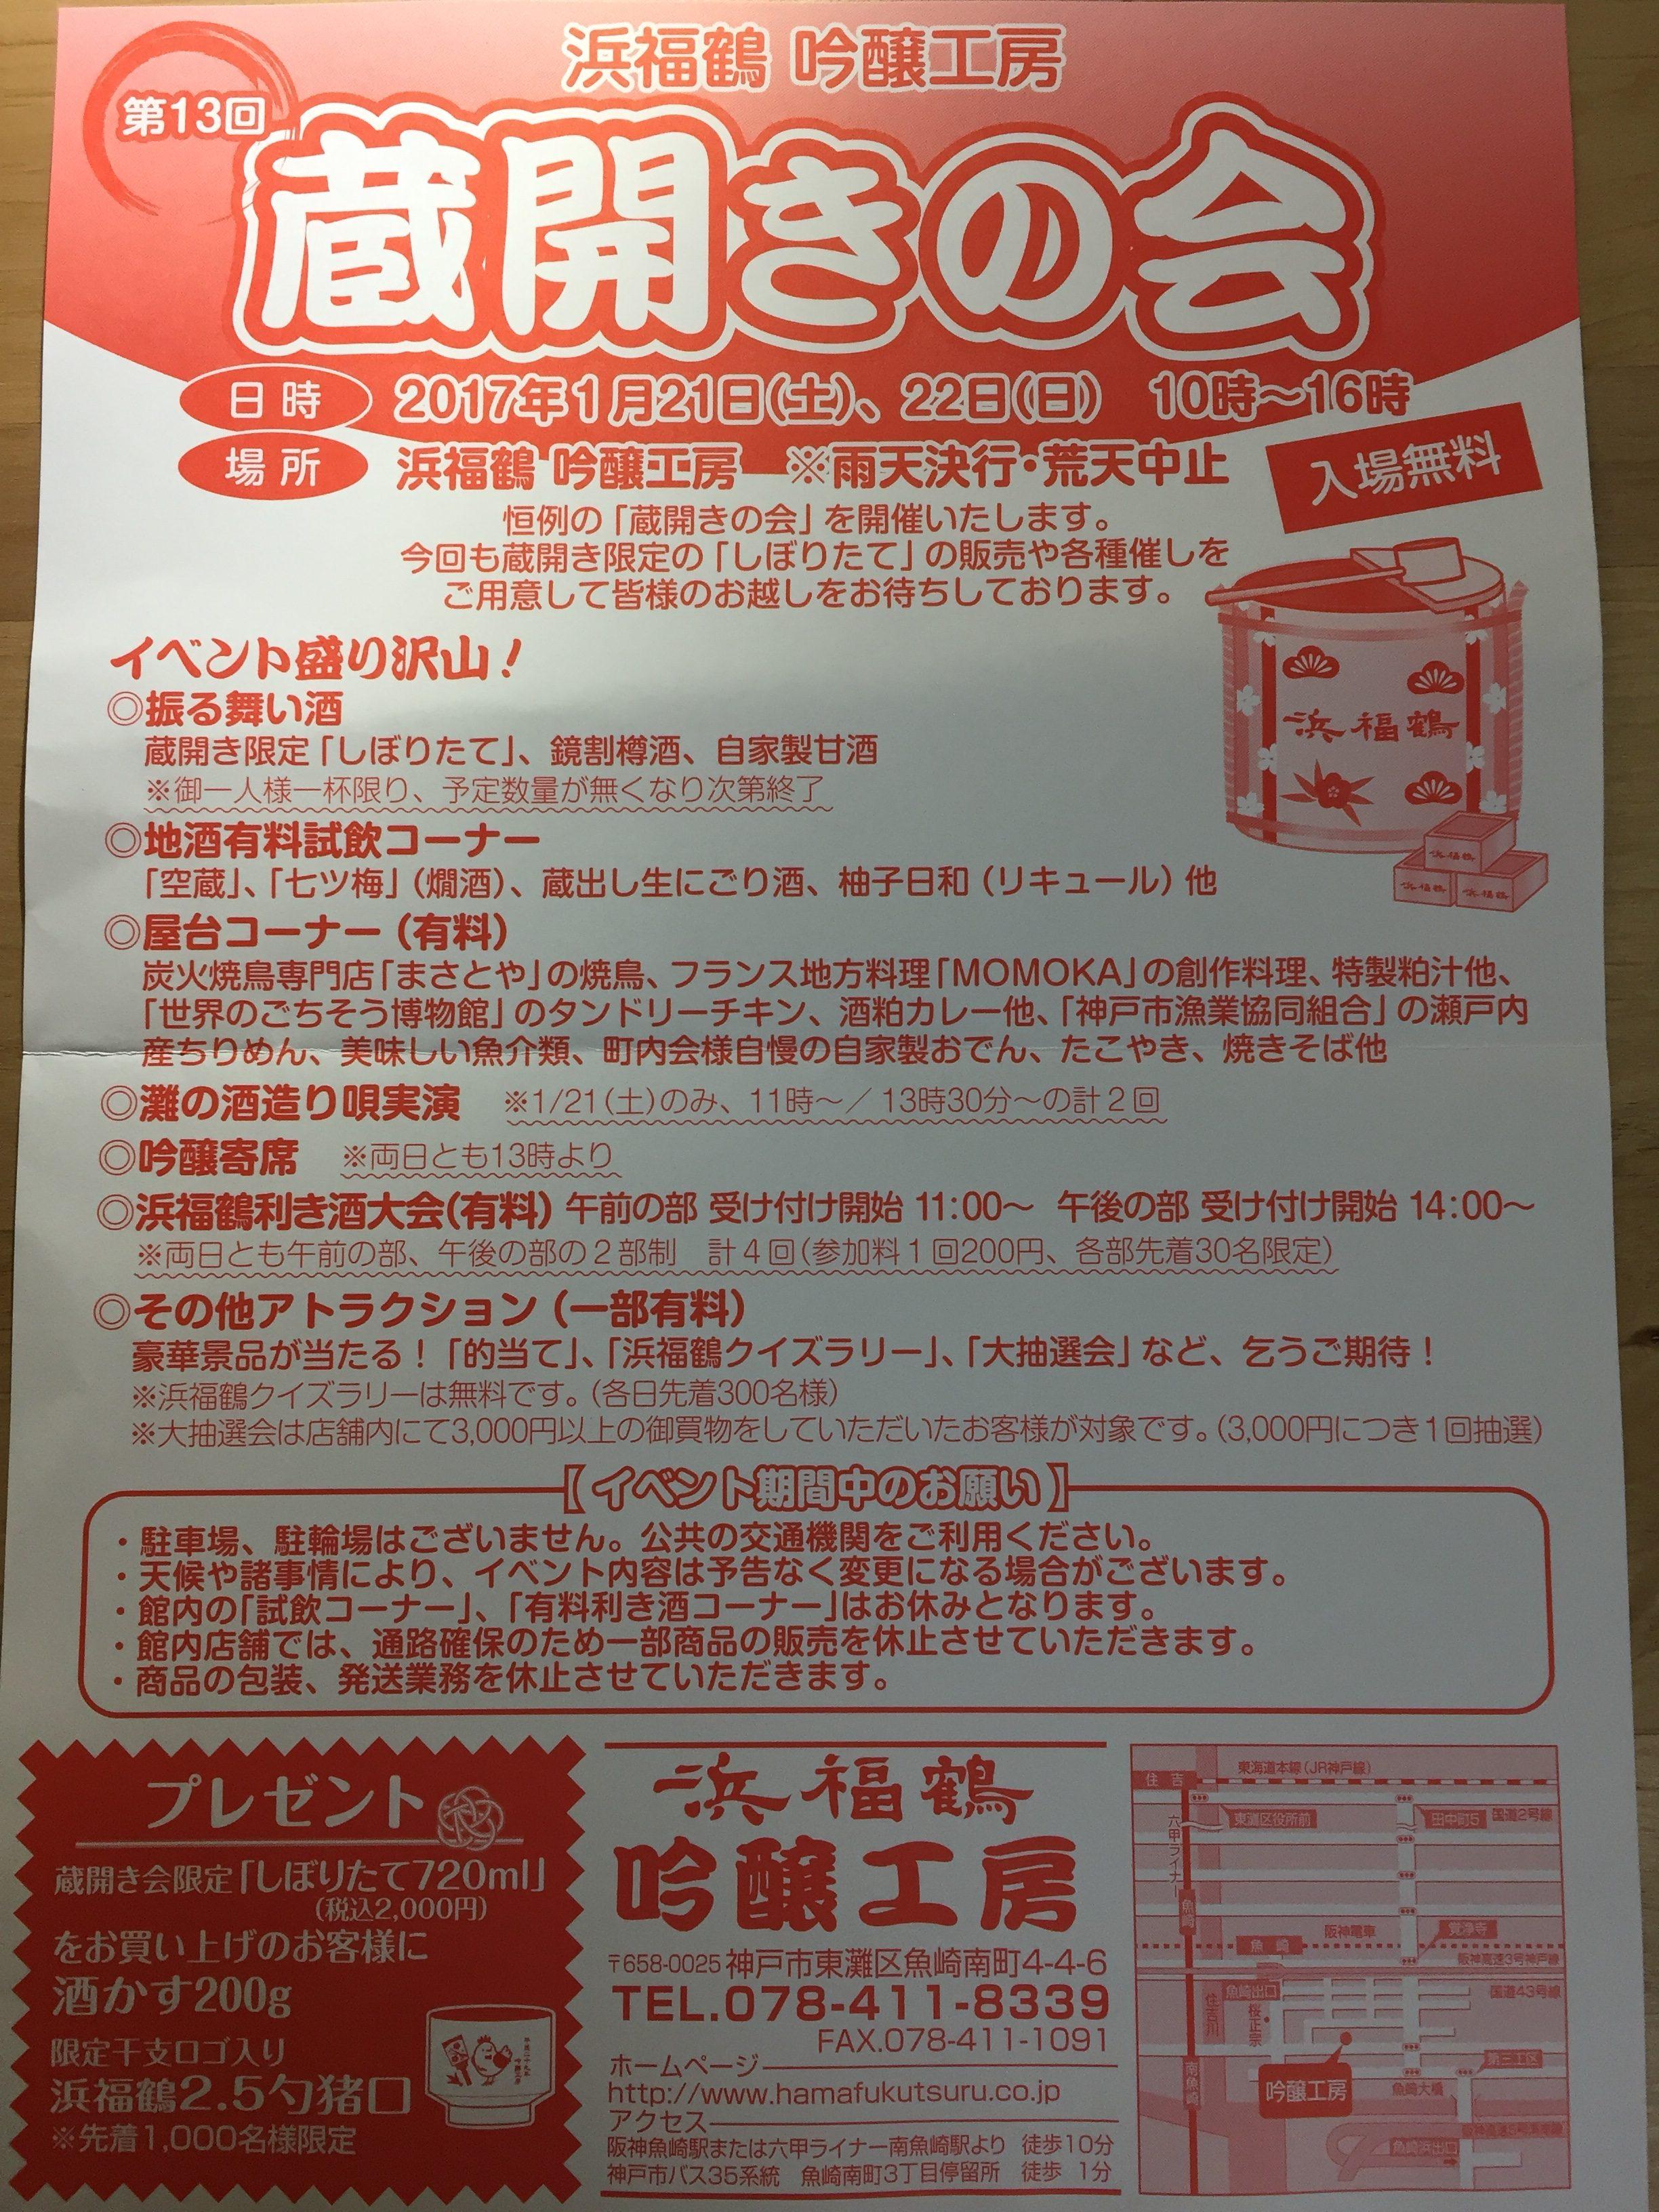 神戸・魚崎の浜福鶴 吟醸工房で1/21・1/22に「蔵開きの会」が開催されるよ【イベント告知】